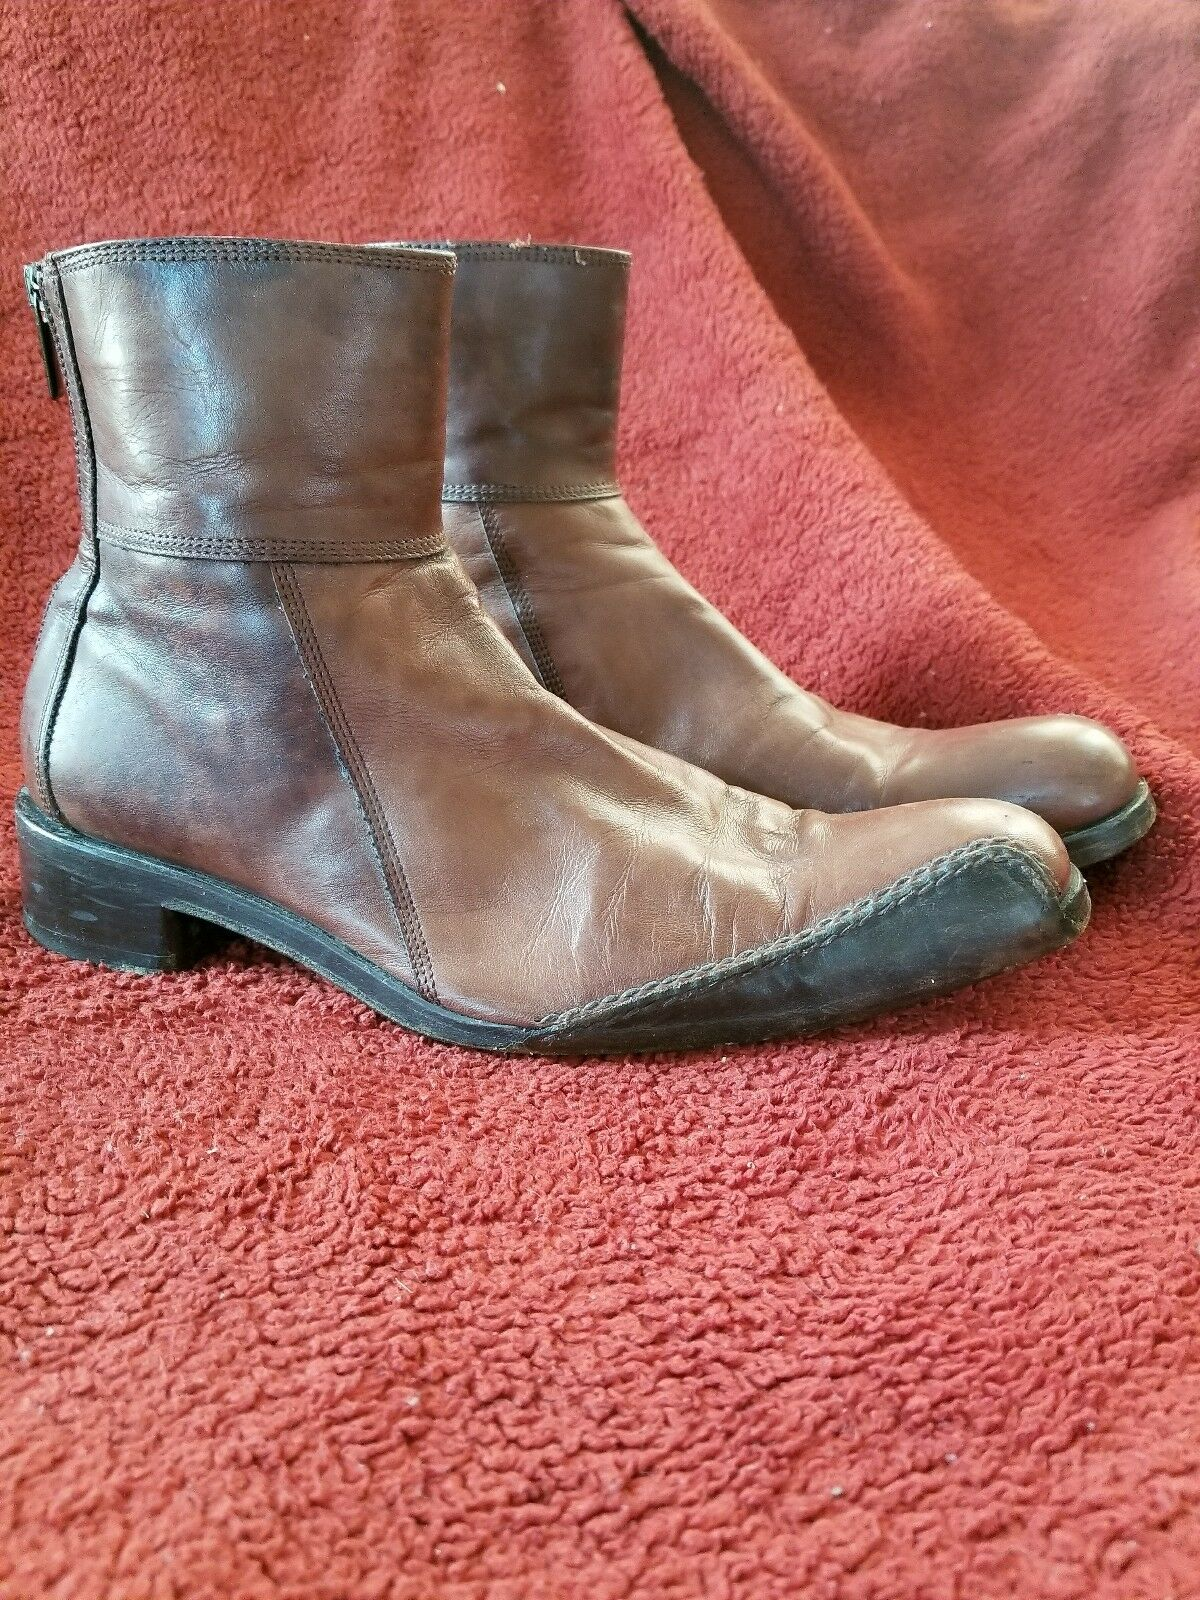 Rare Sebastiano Migliore 42 1/2 men's Italian Italian men's leather boots dd0da0